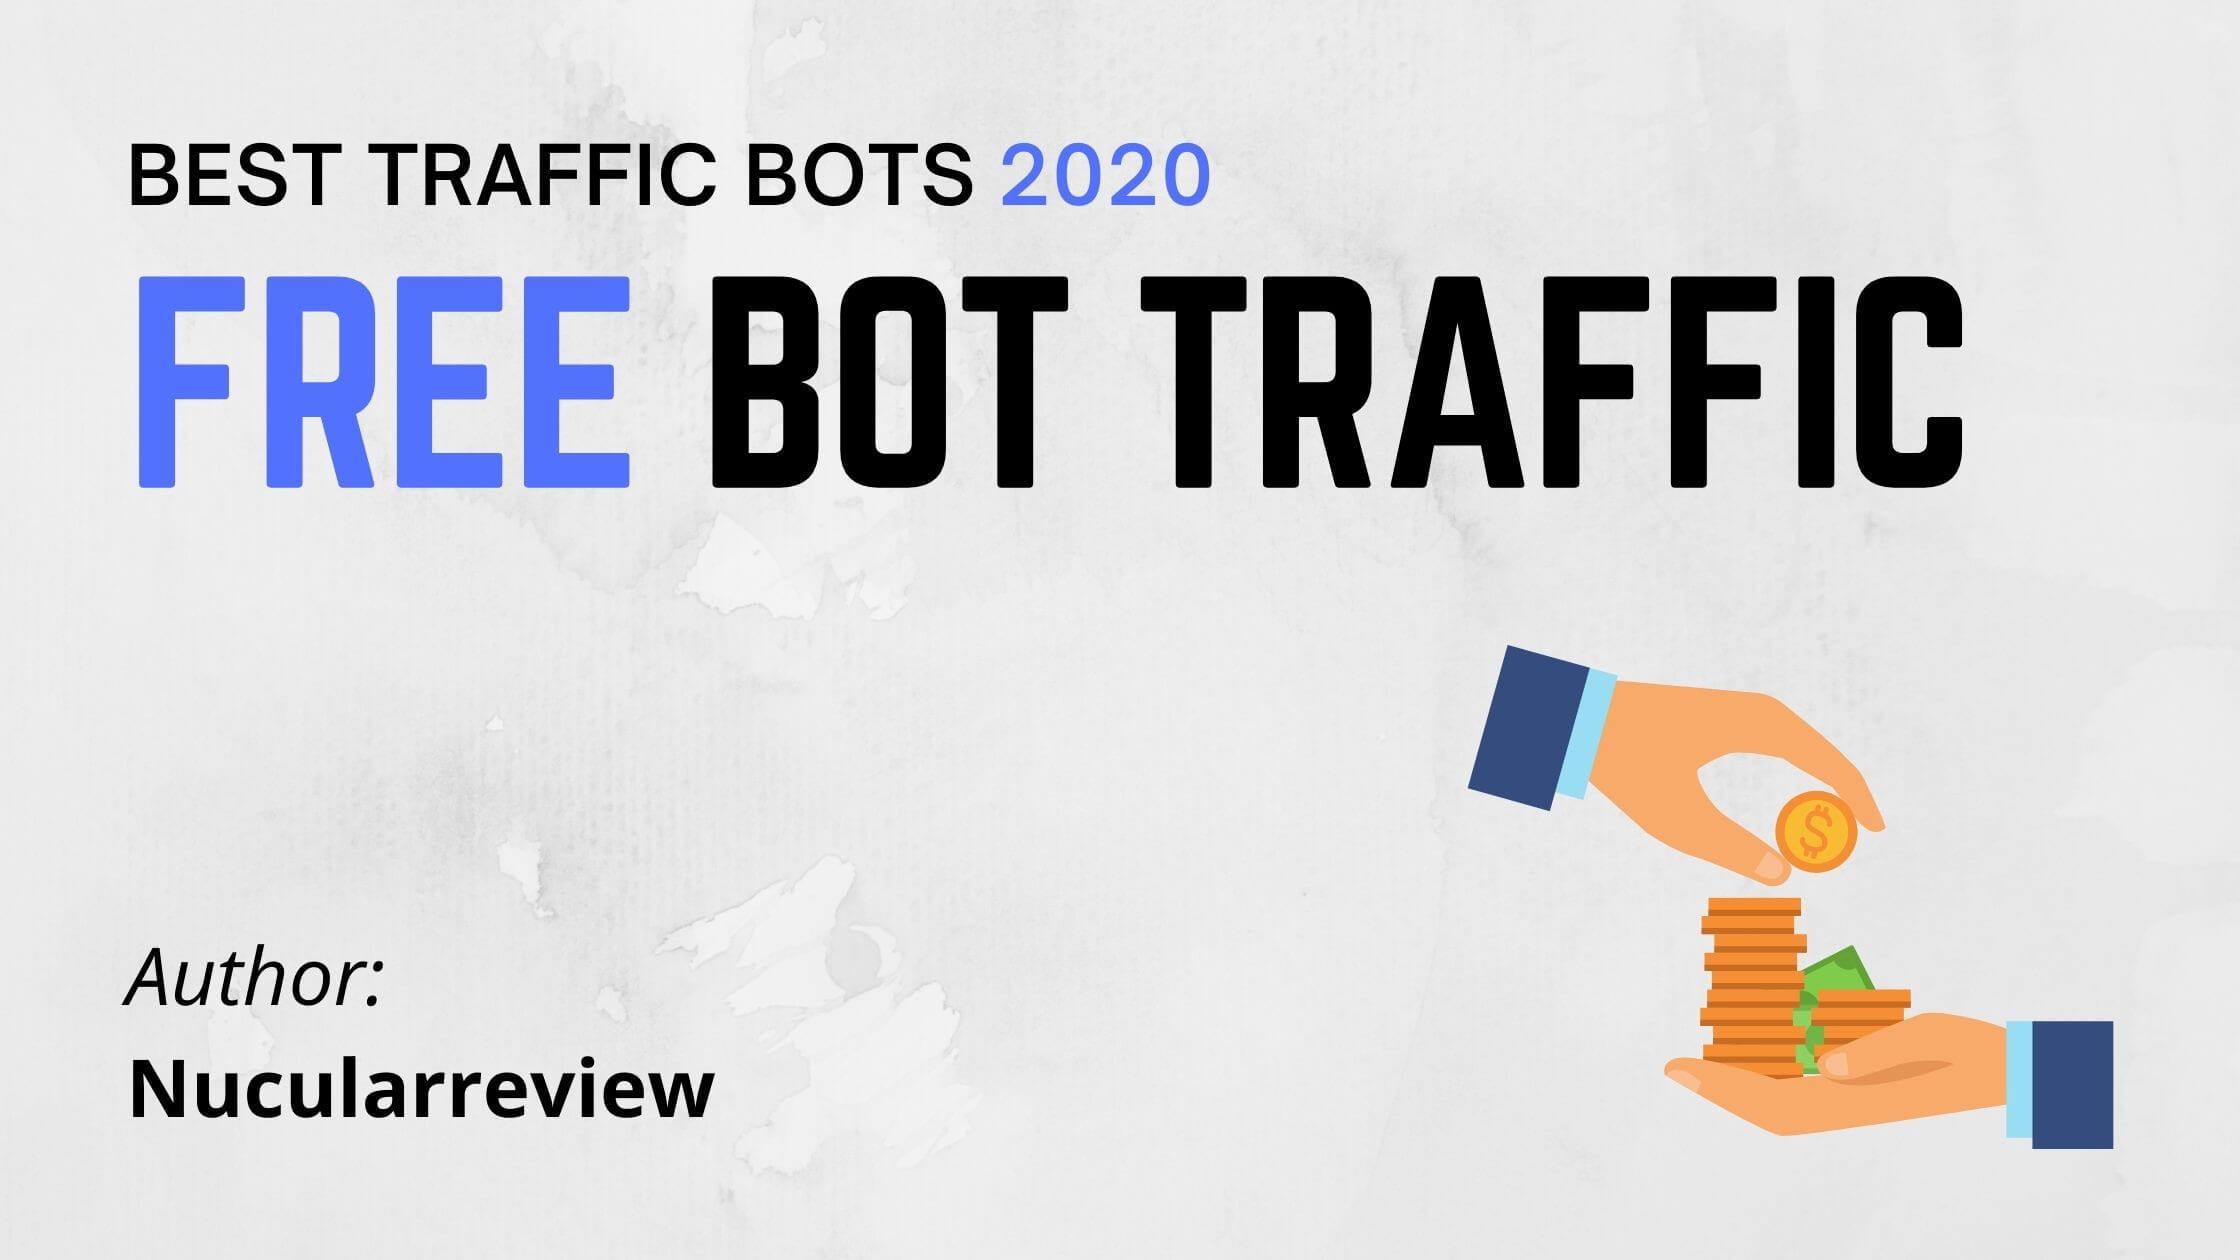 ربات افزایش بازدید سایت و ترافیک واقعی